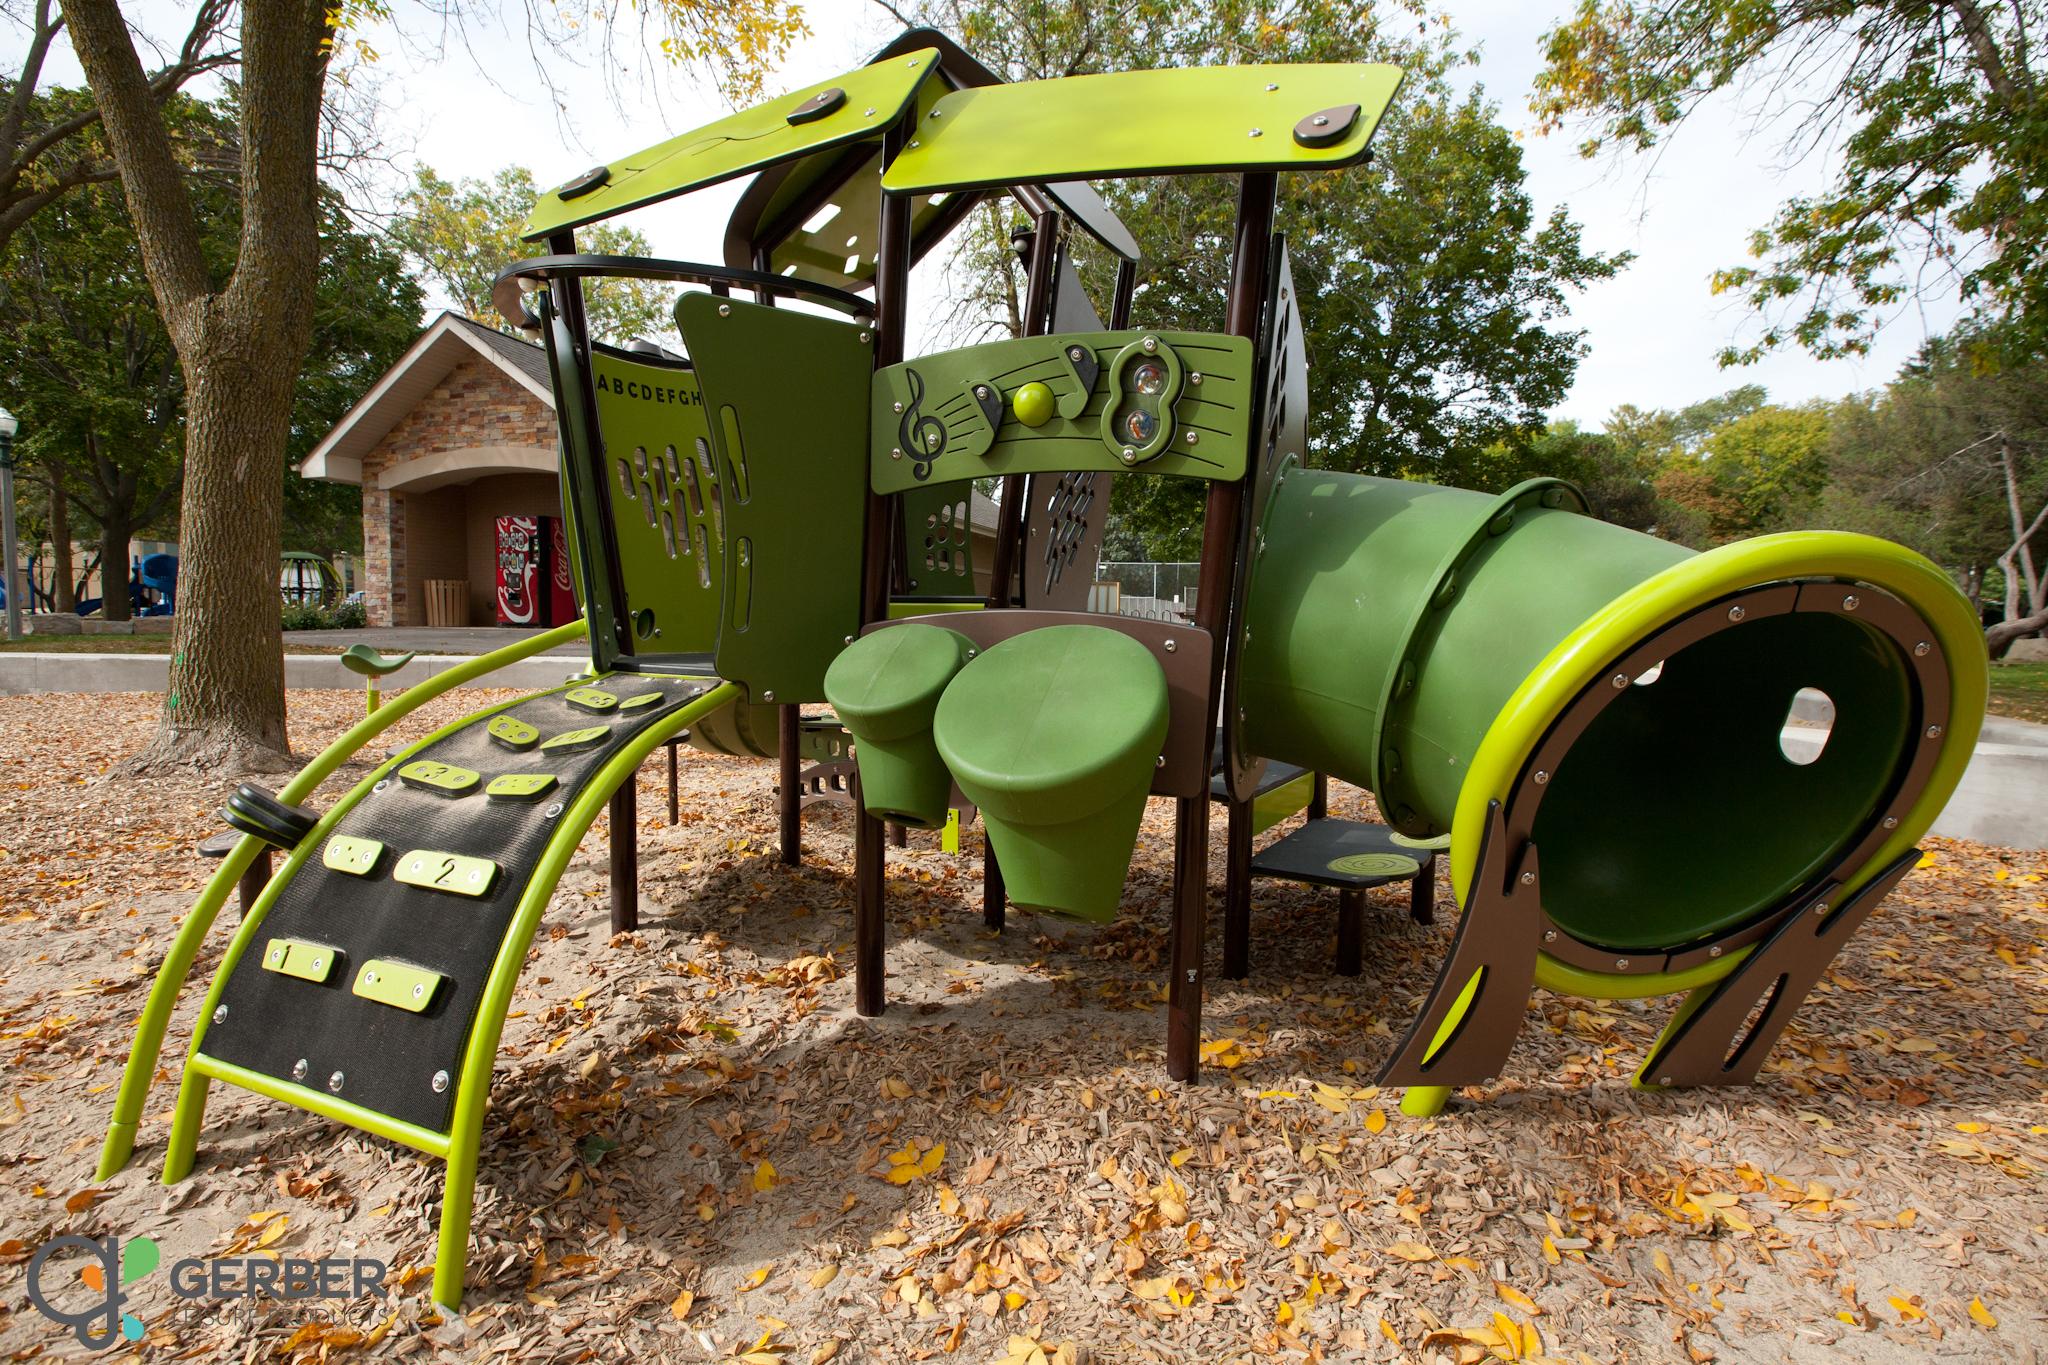 Village Park - Theinsville